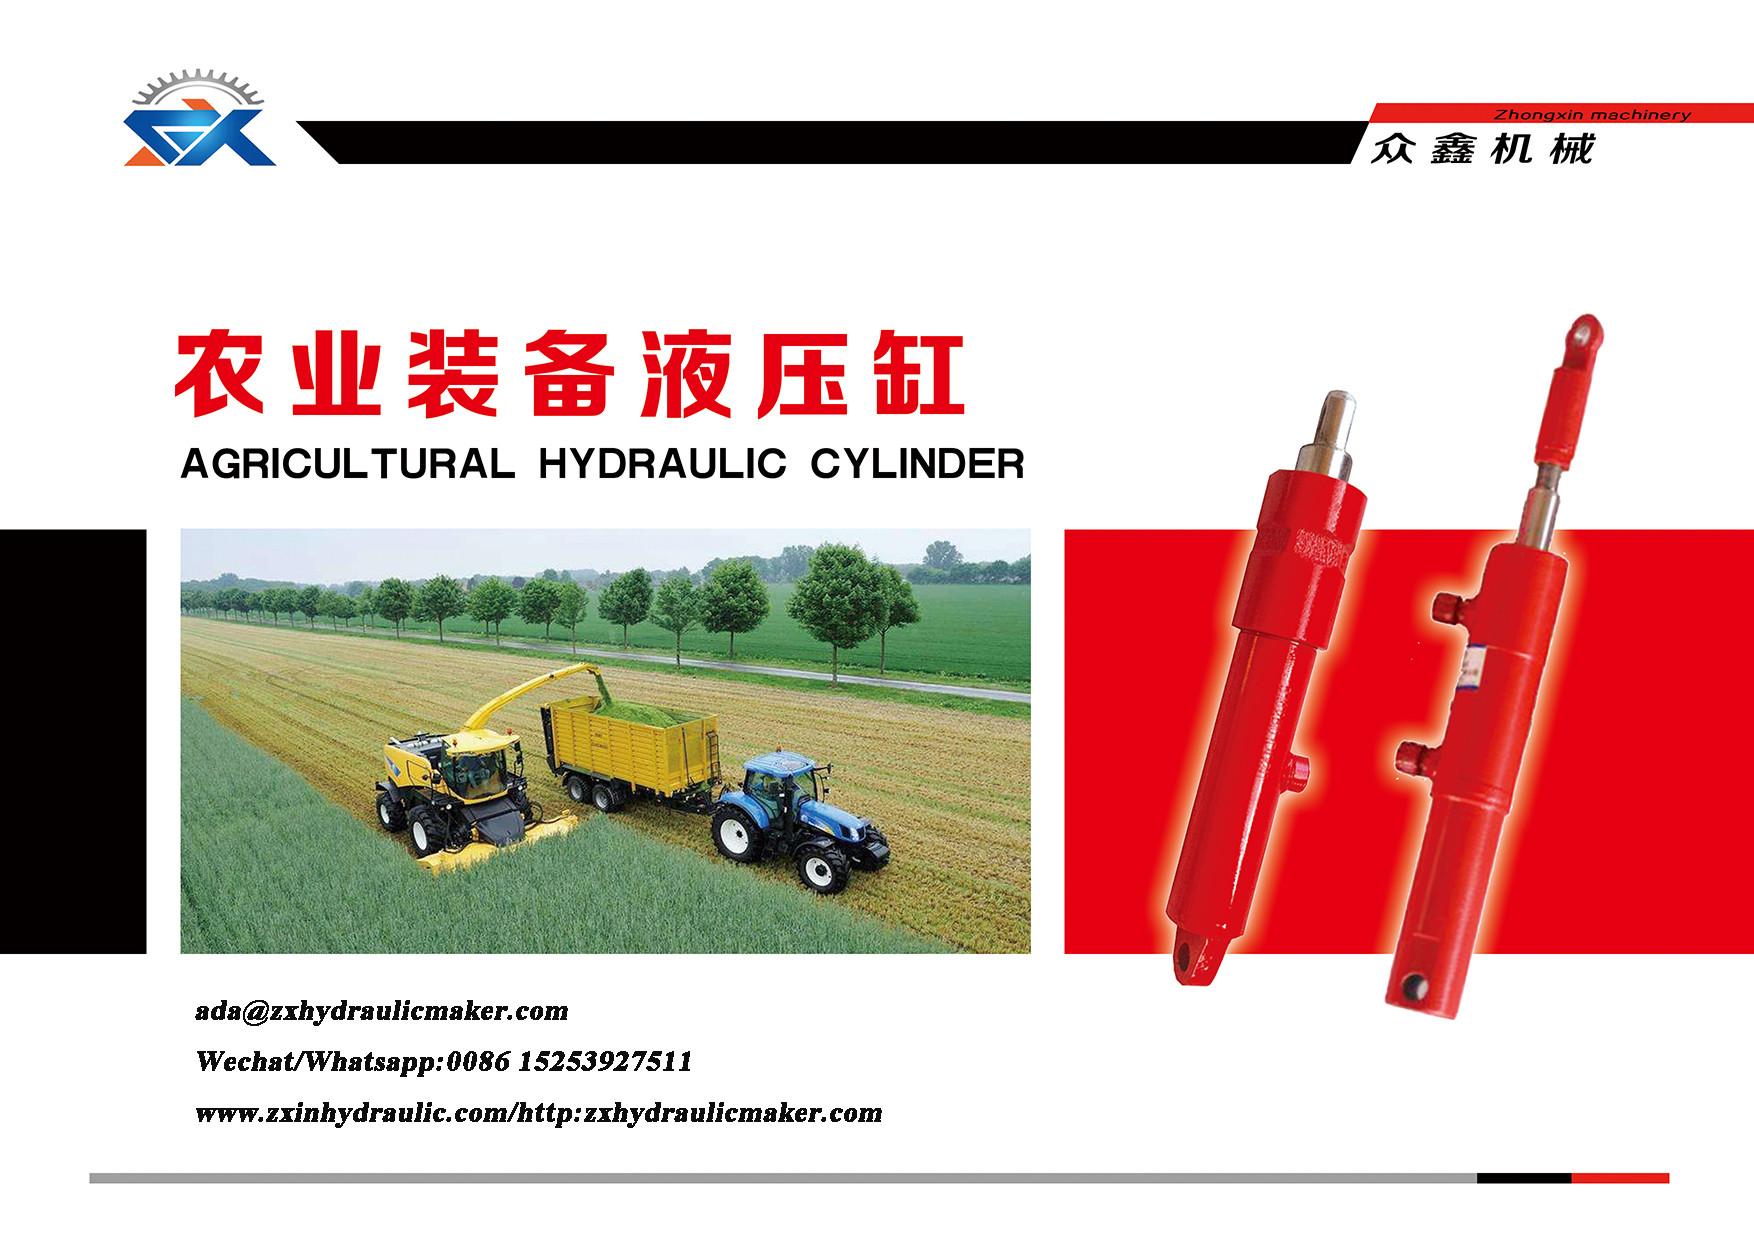 AG Hydraulic Cylinder